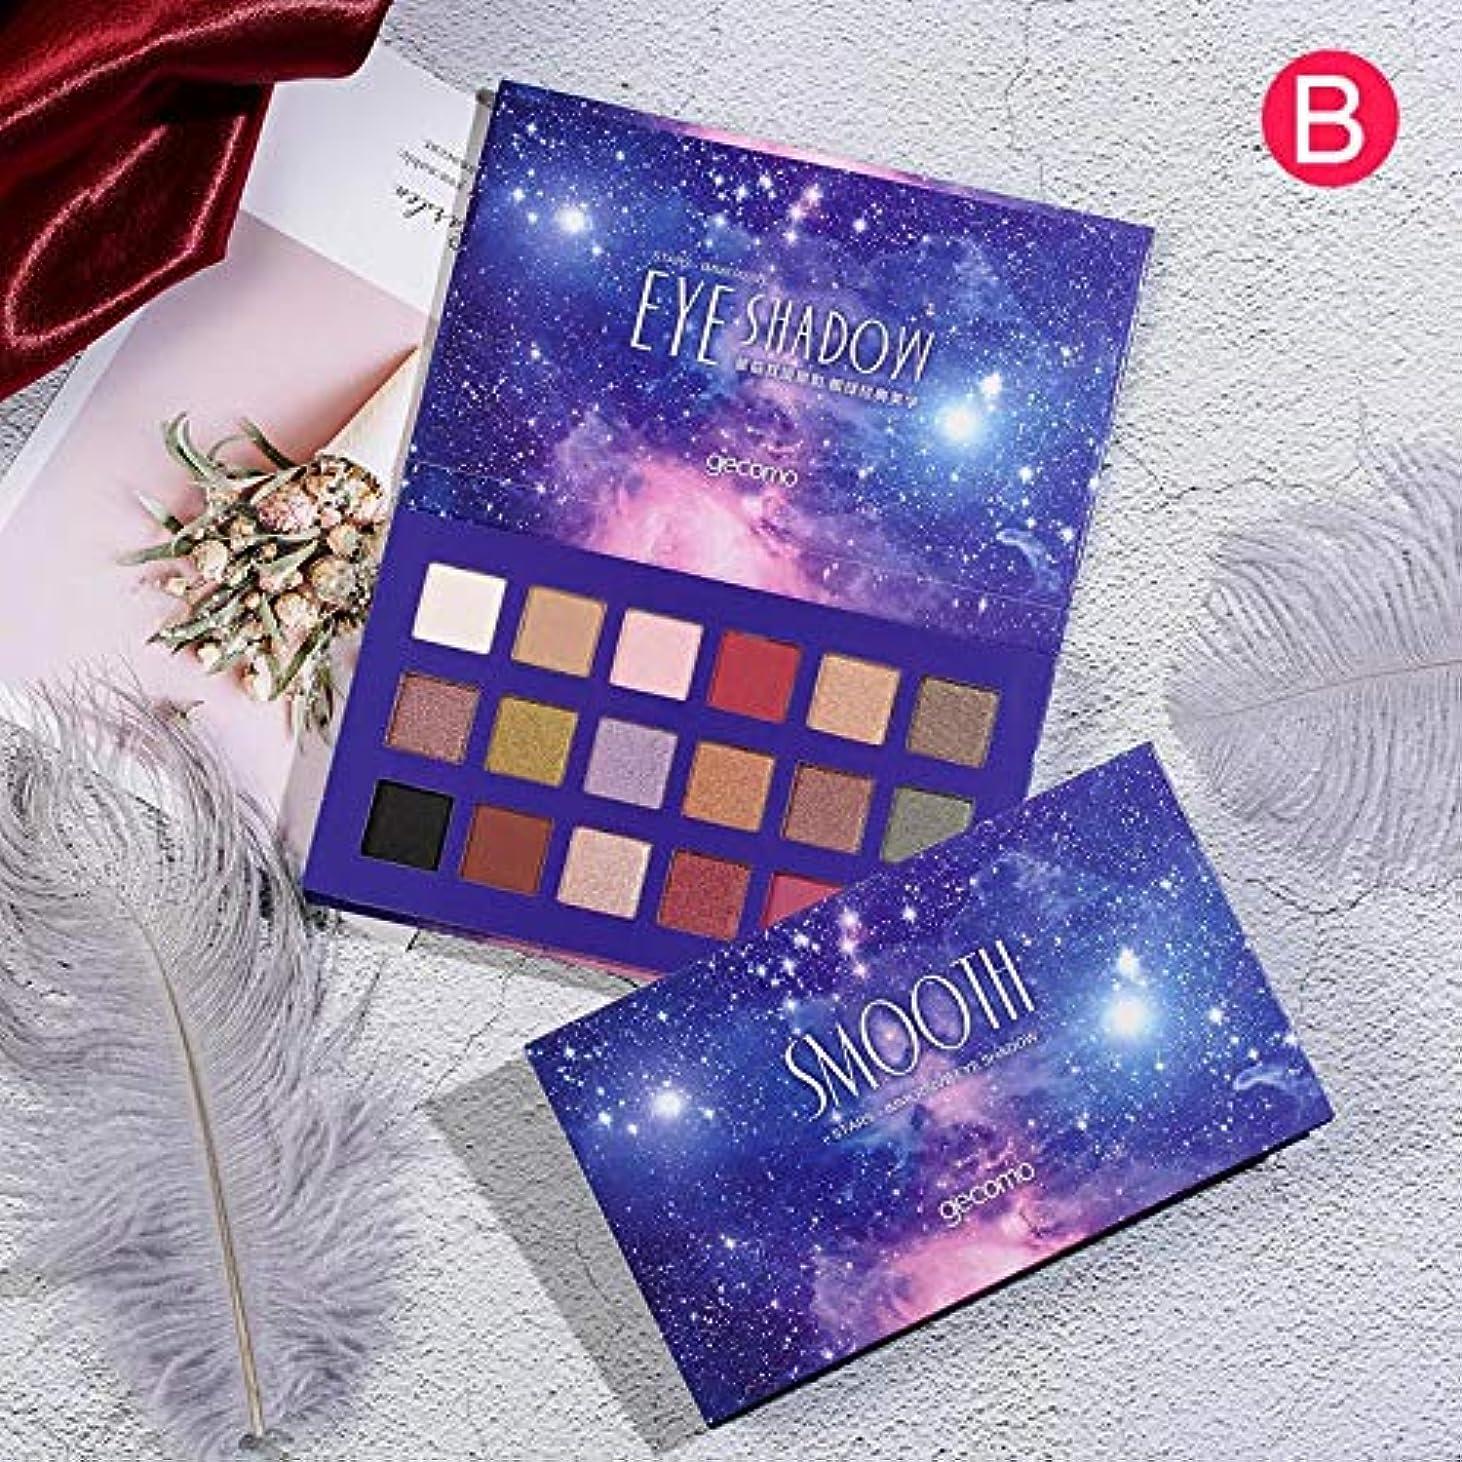 Symboat アイシャドウパレット 18色無光沢ロングラスティング フローティングライト 鮮やかな発色 化粧品 ナチュラル 自然立体 多色 化粧美容人気 完全な色調 (B)